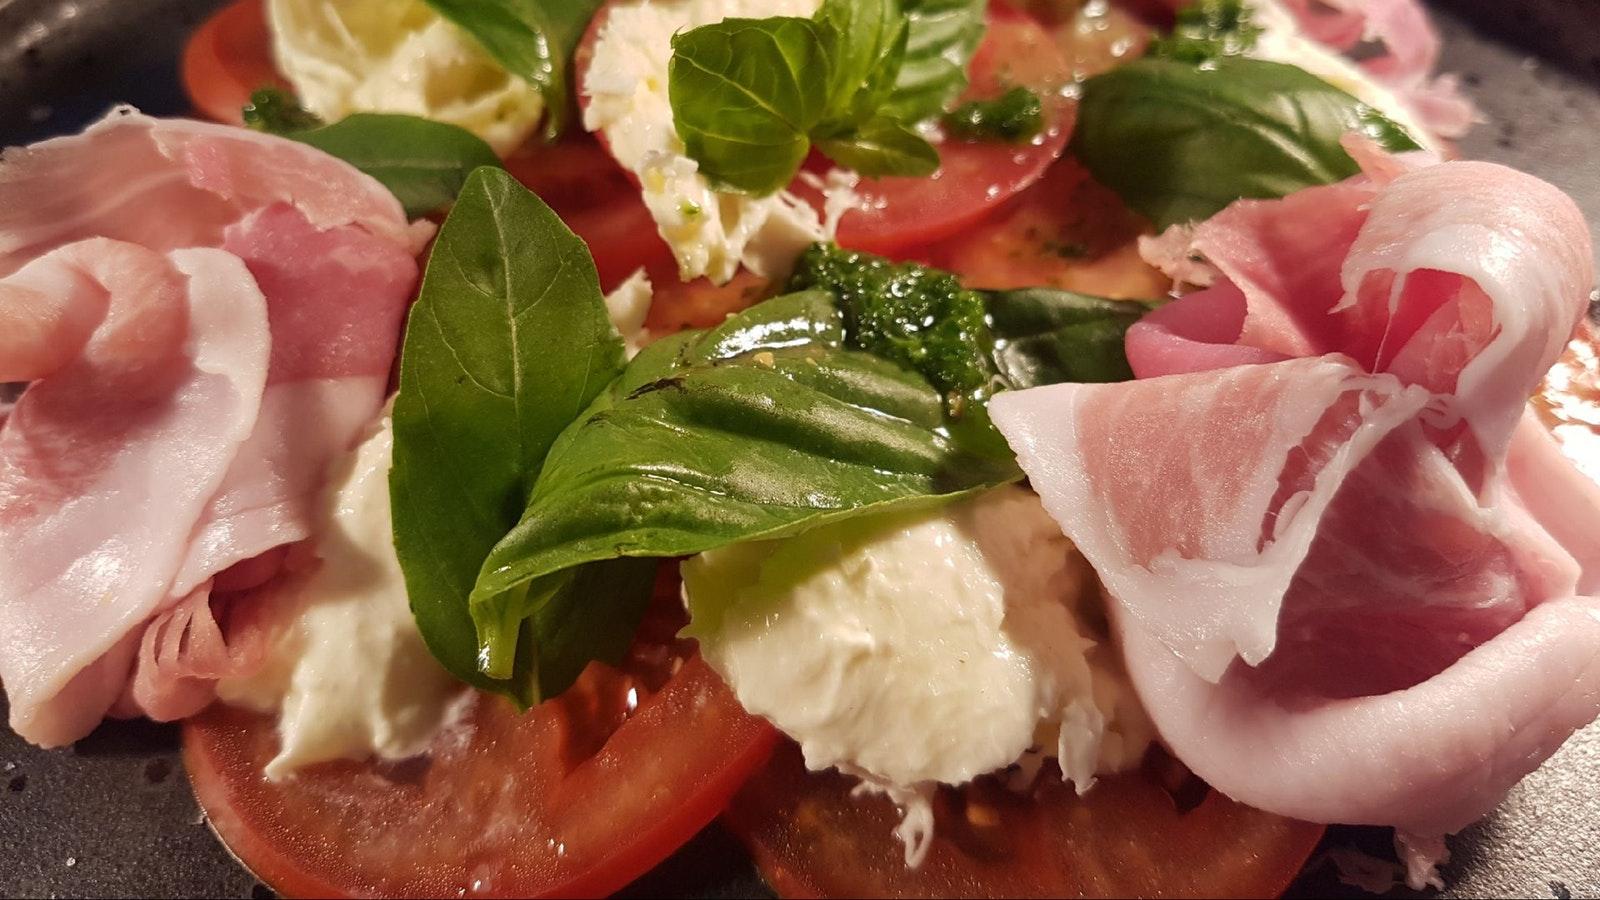 Mountain View Hotel Entree - Tomato, Basil & Prosciutto Salad